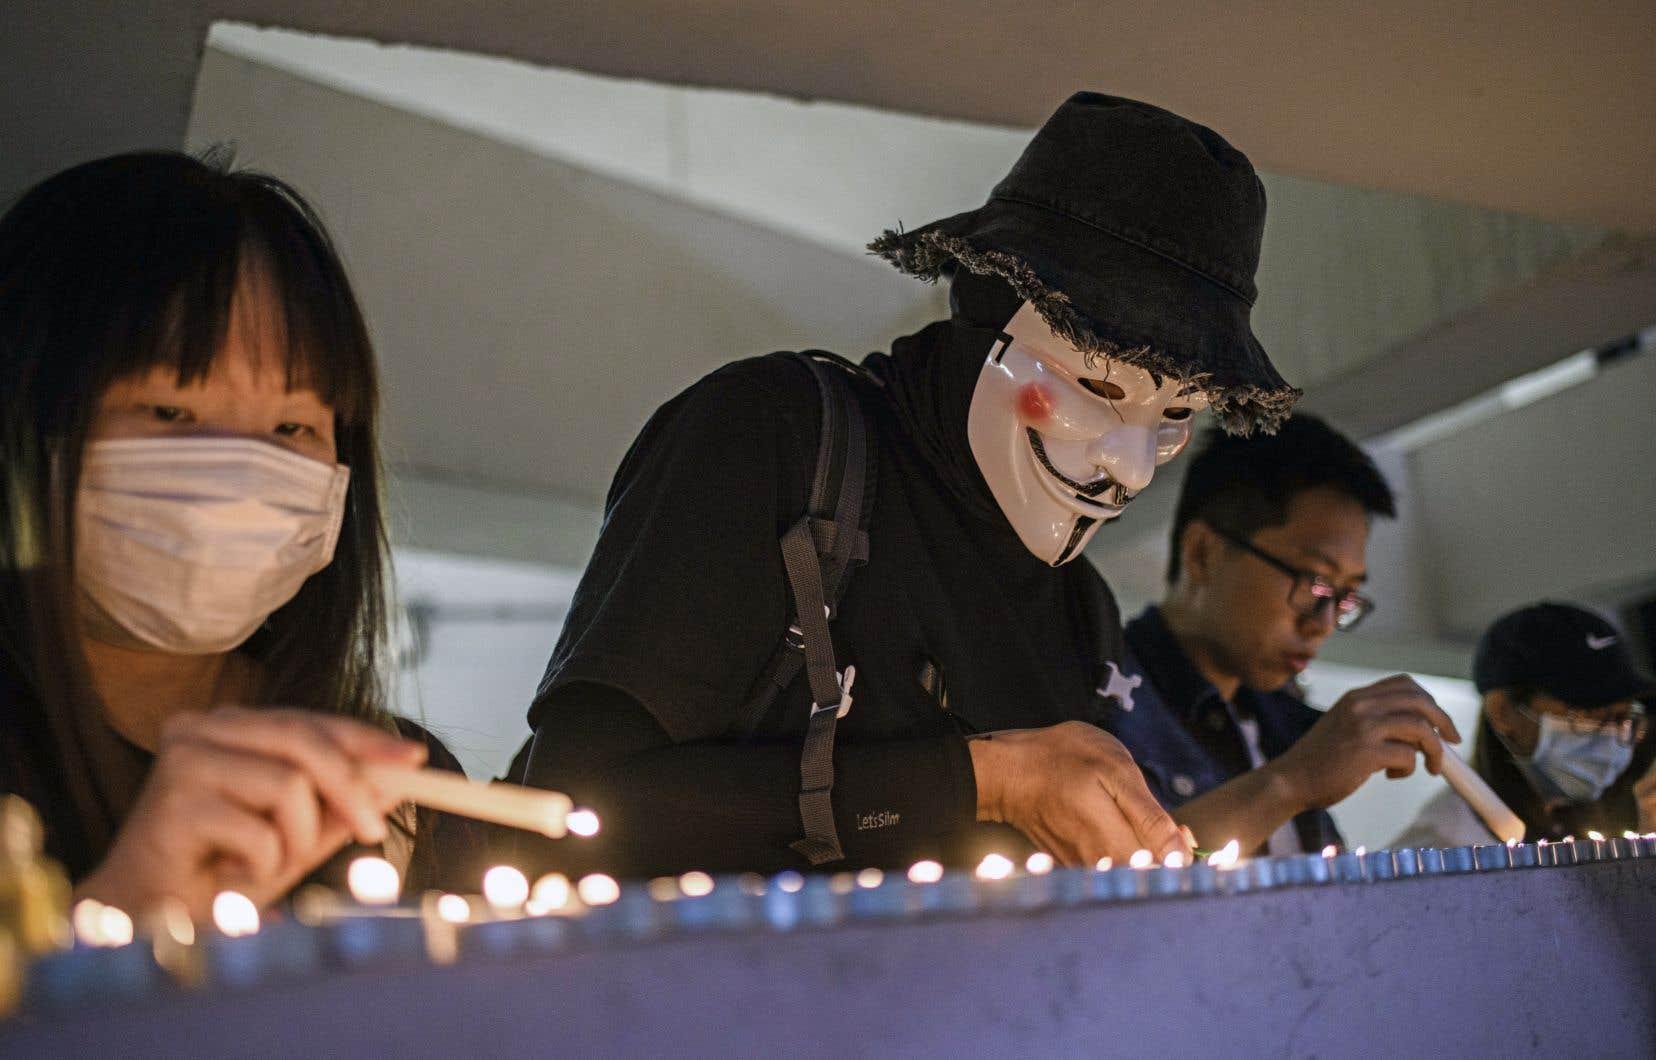 Les militants se sont rassemblés pour rendre hommage à Alex Chow, décédé vendredi.